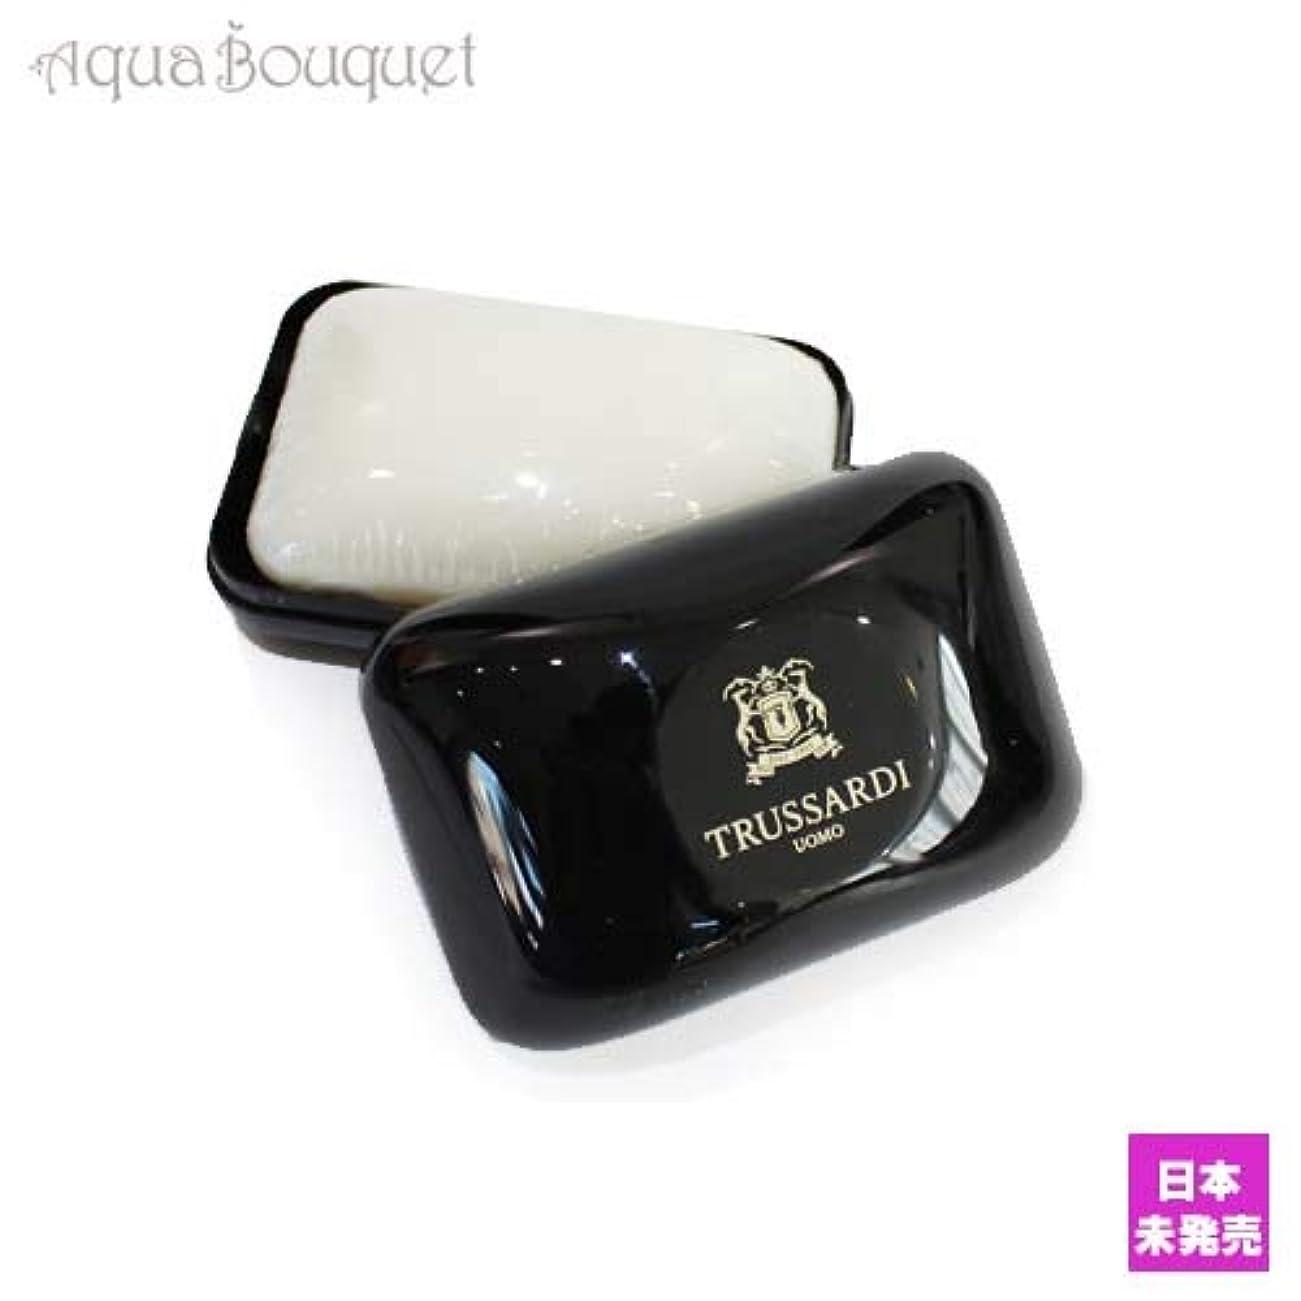 契約コンバーチブル葬儀トラサルディ ウォモ ソープ 100g(ケース付き)TRUSSARDI UOMO SOAP [7216] [並行輸入品]